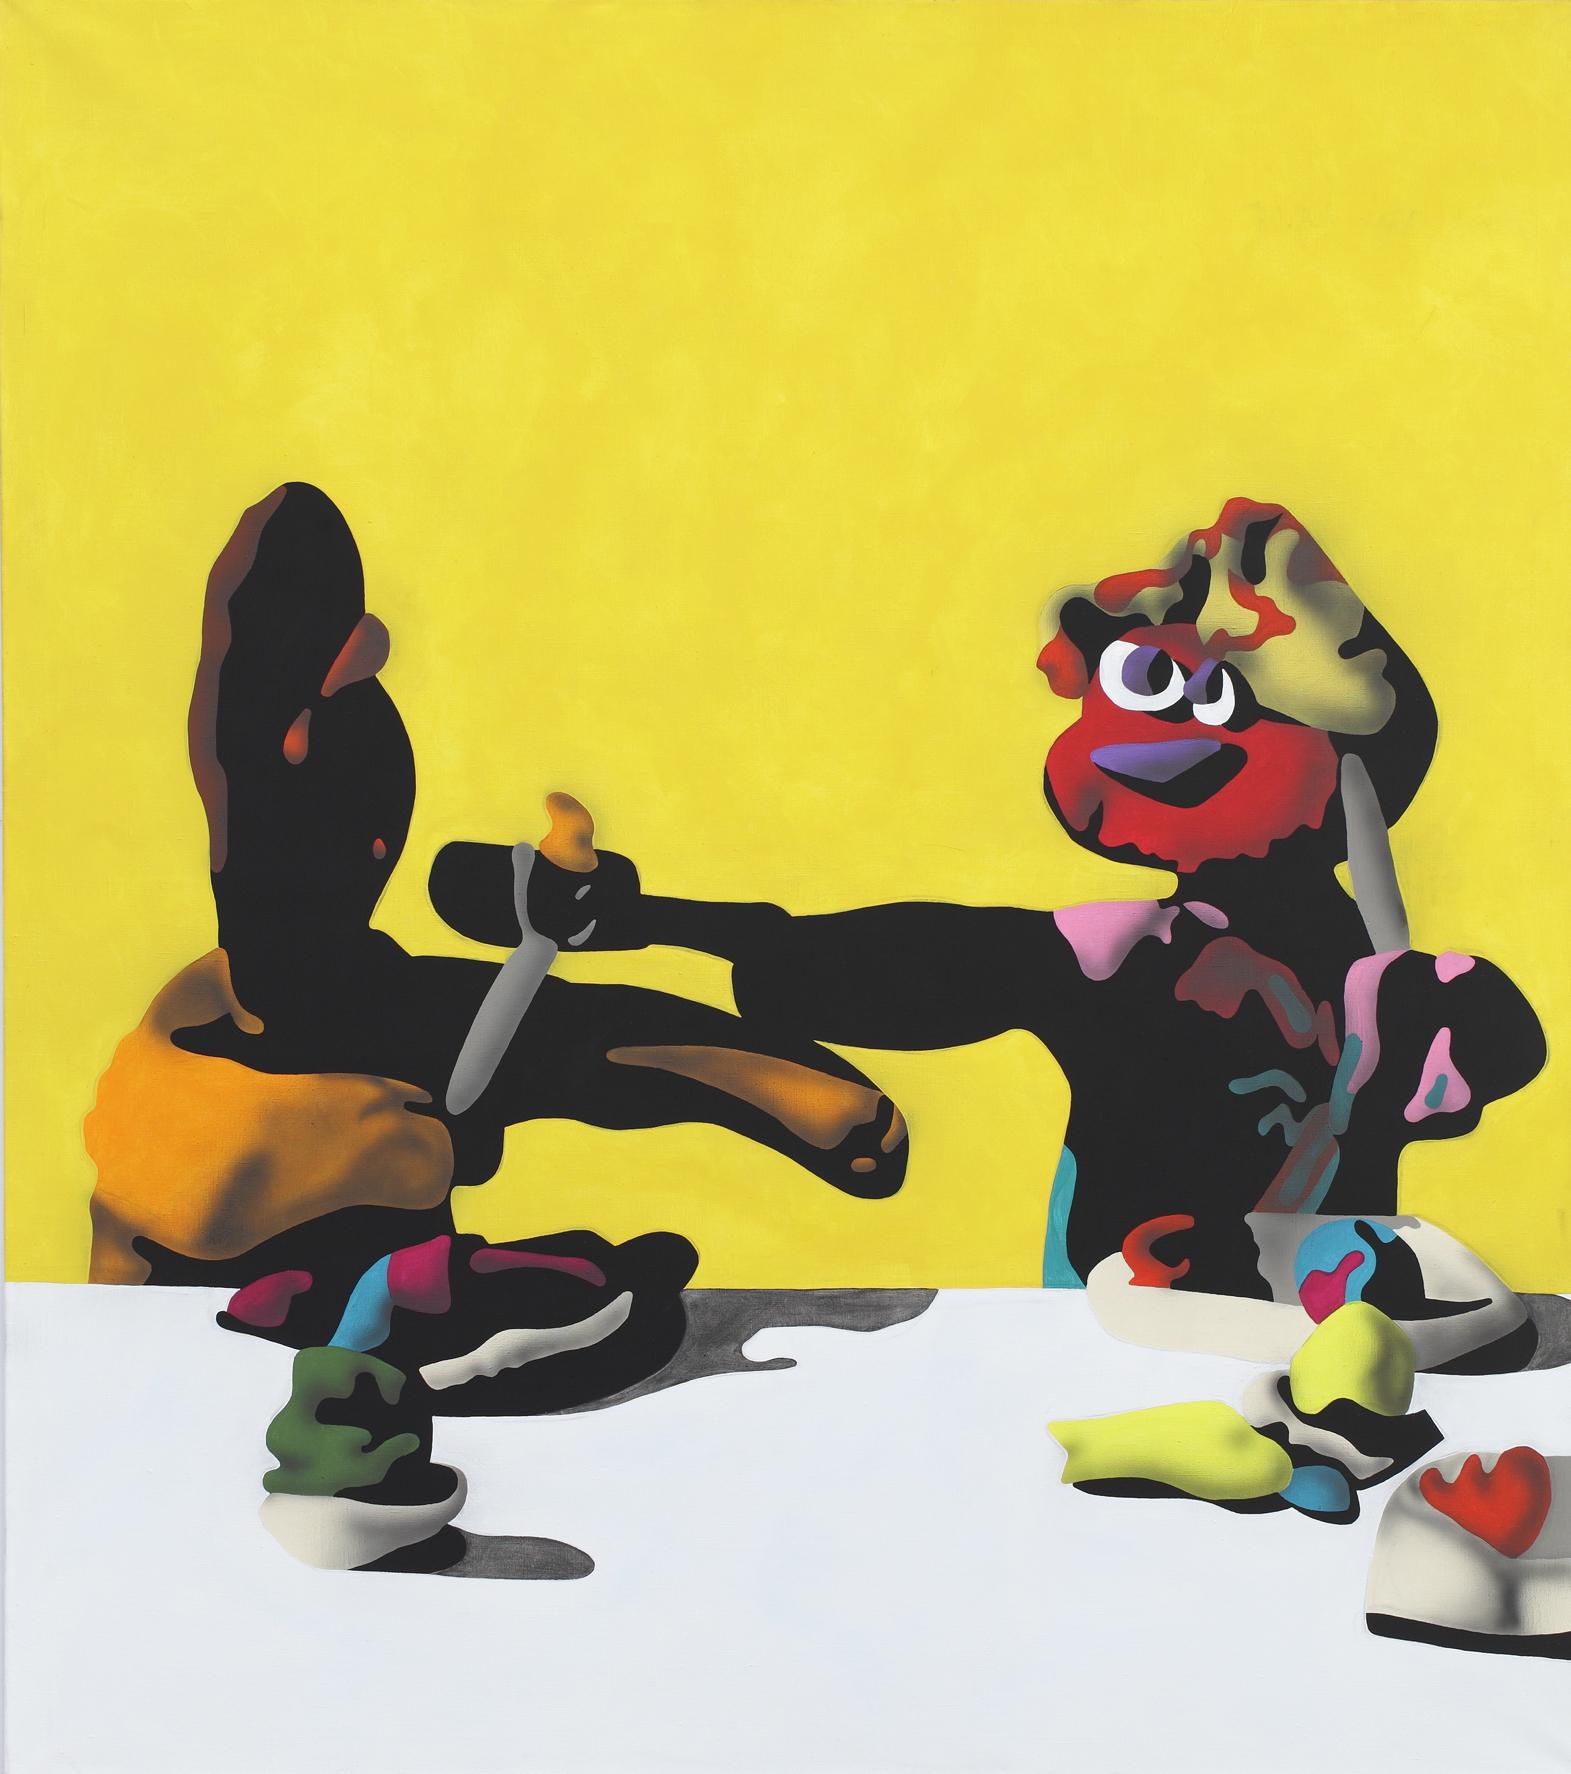 Girl Feeding Slapjack, 2003, acrylic on canvas, 170 x 150 cm